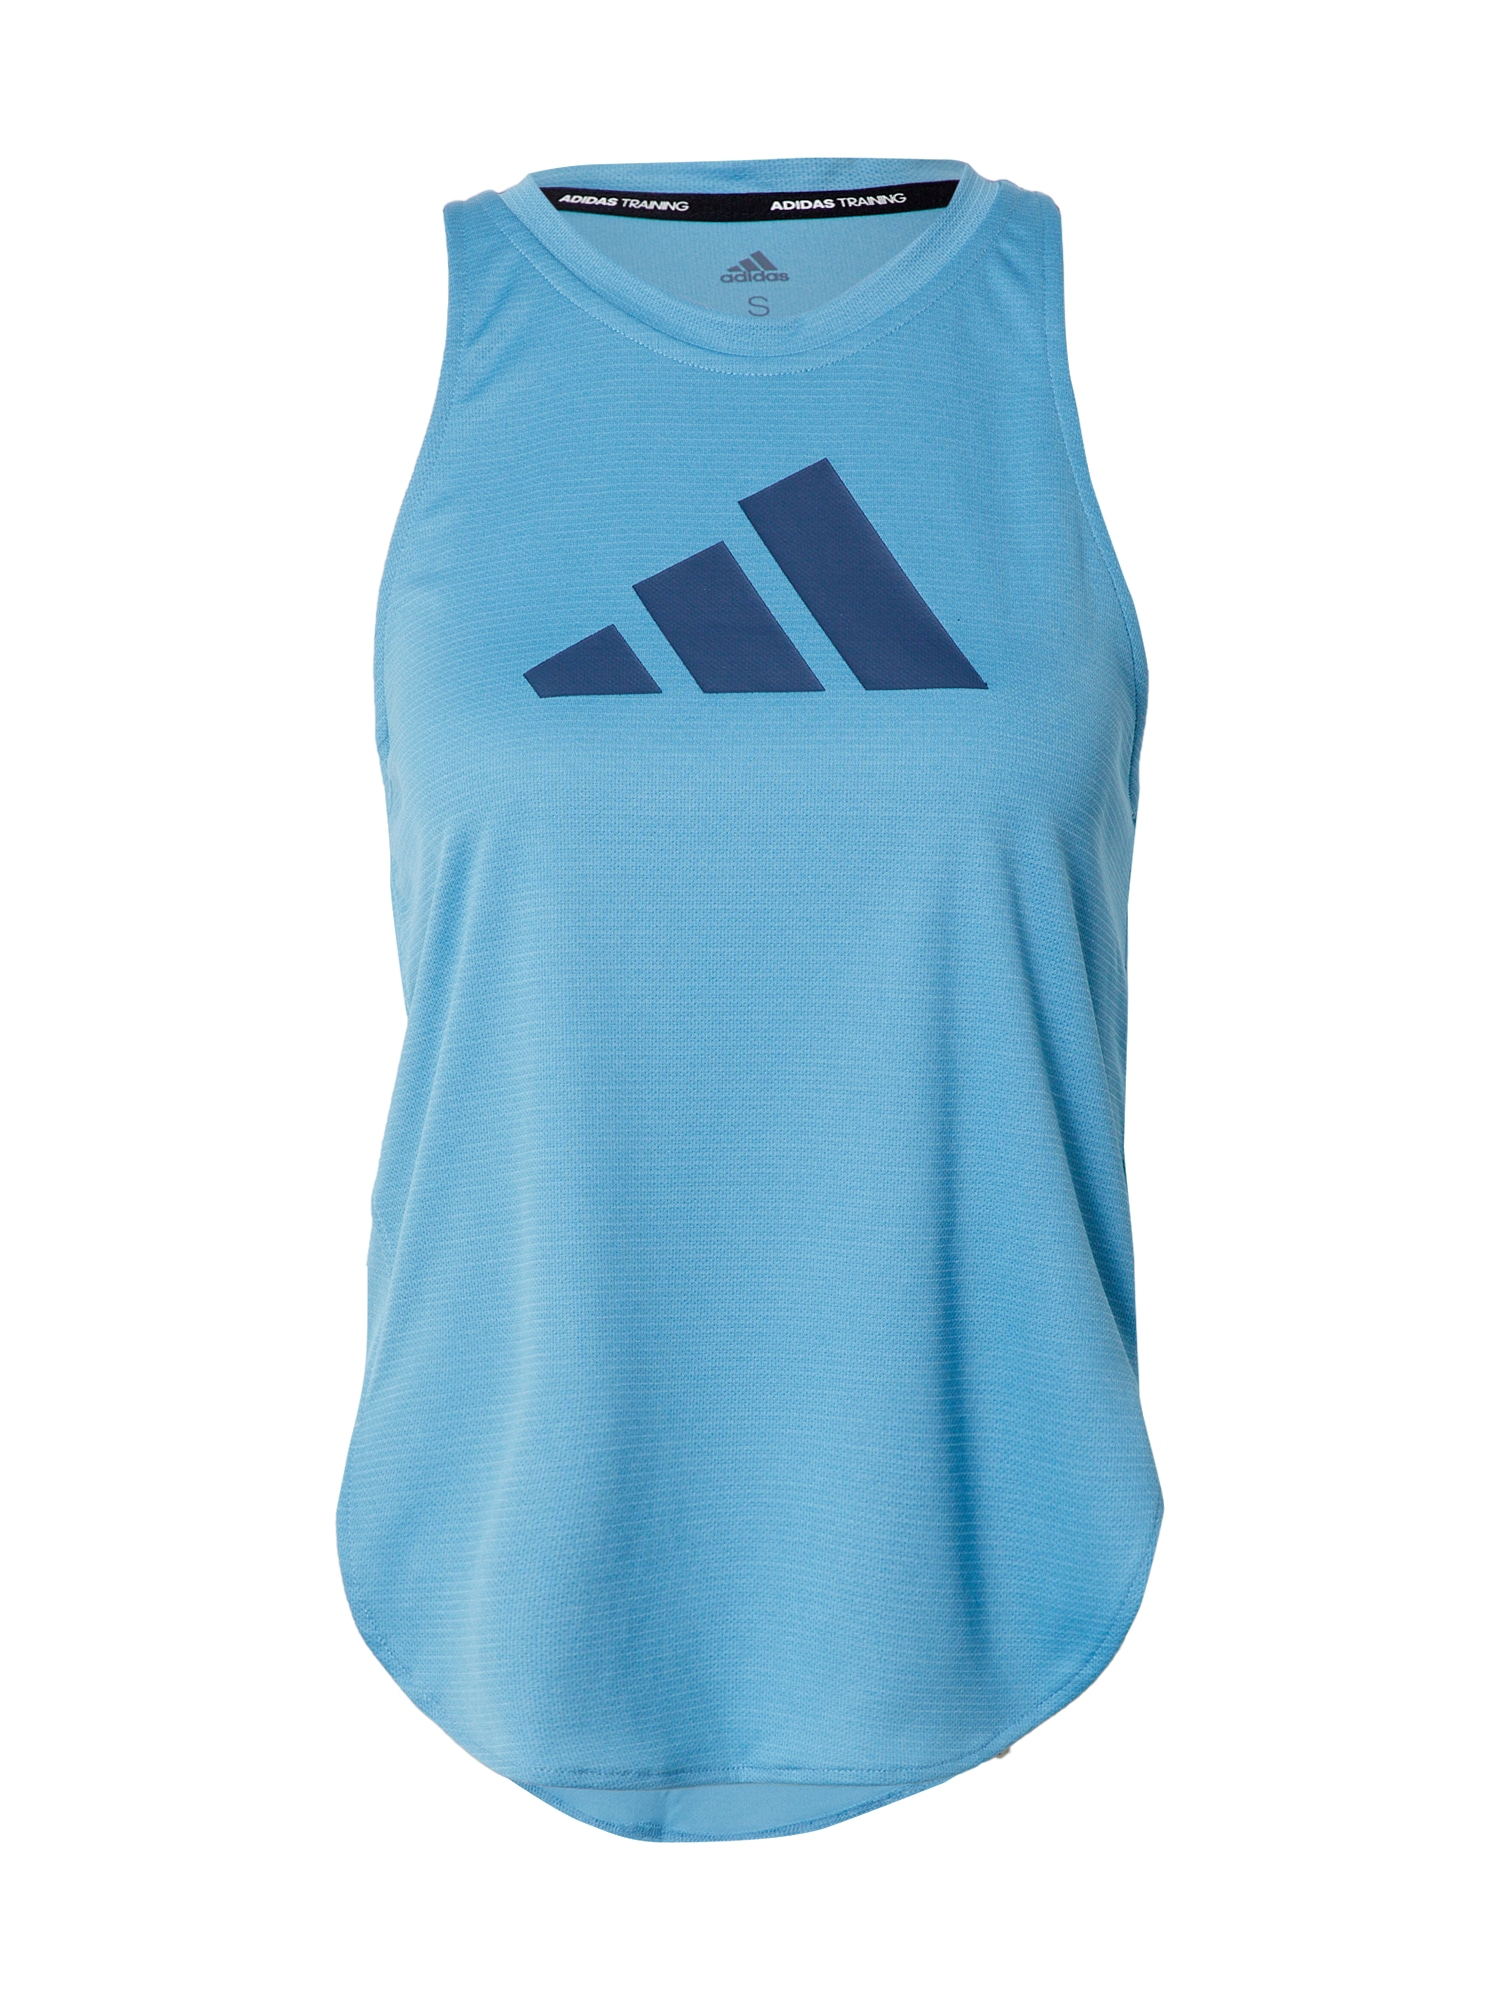 ADIDAS PERFORMANCE Sportiniai marškinėliai be rankovių tamsiai mėlyna / dangaus žydra